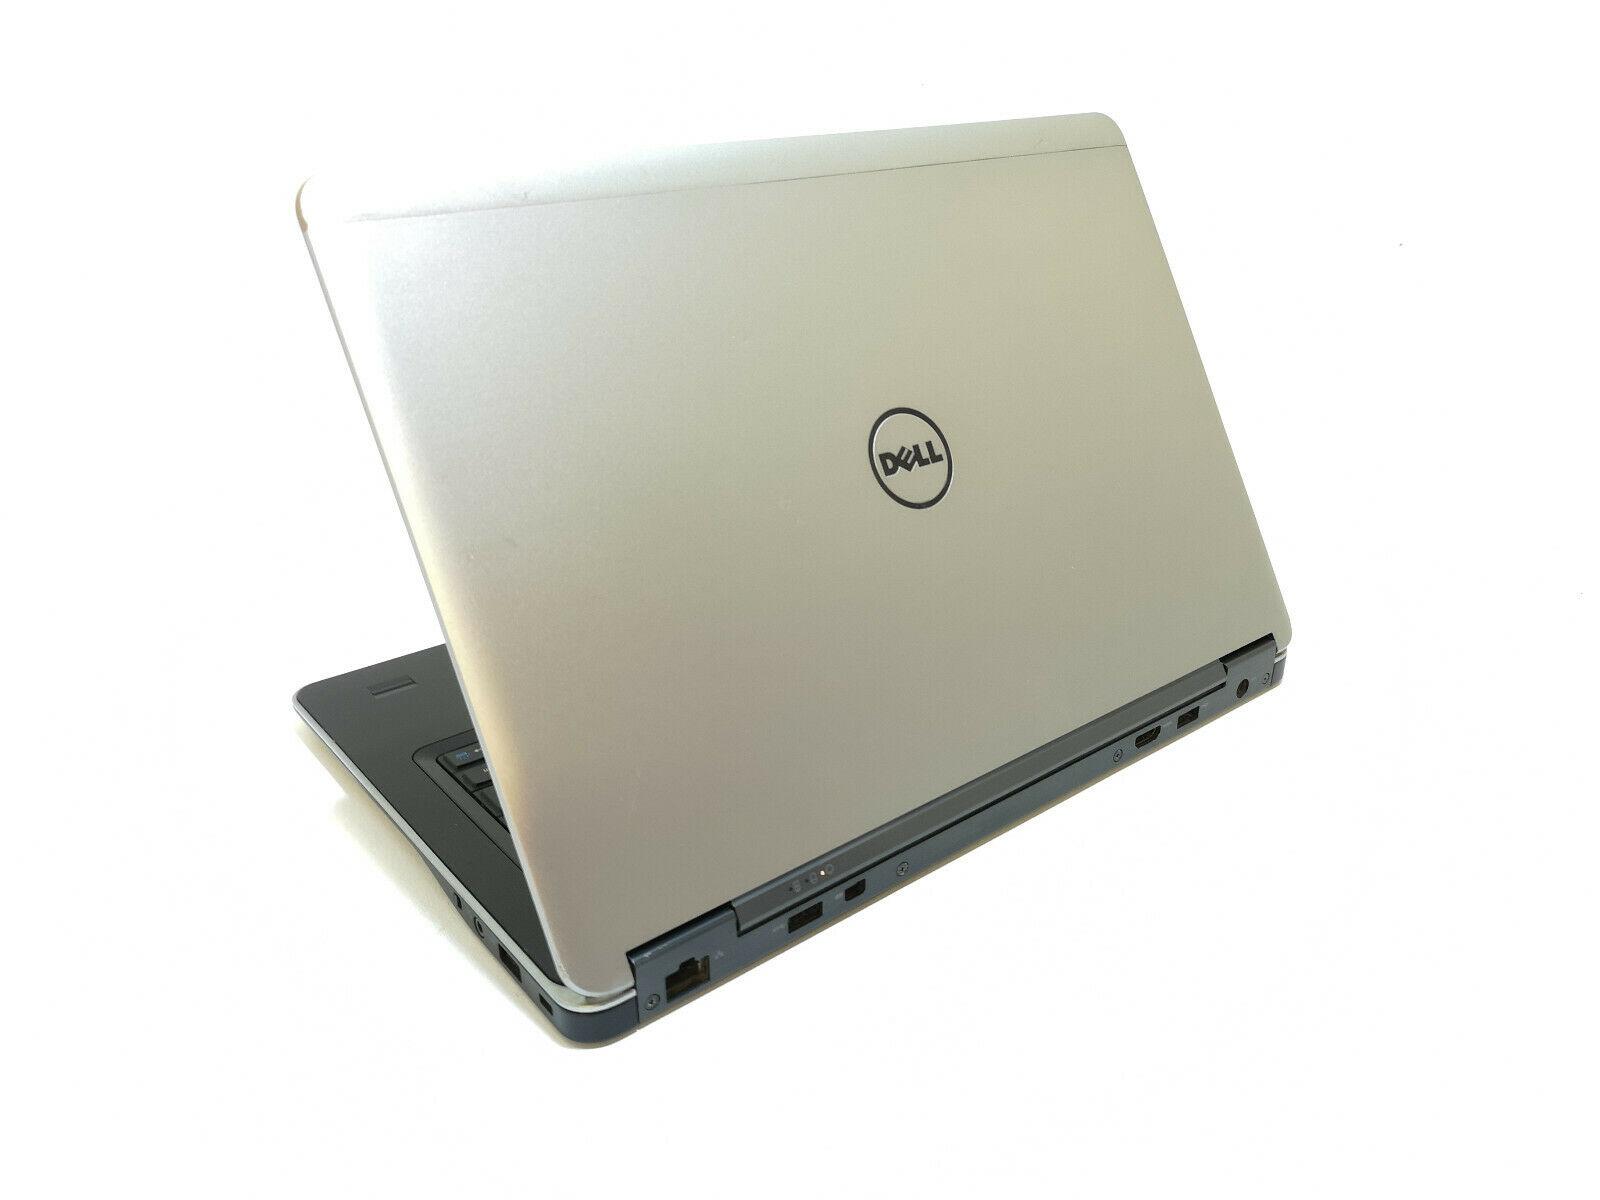 Dell Latitude E7440 No 6